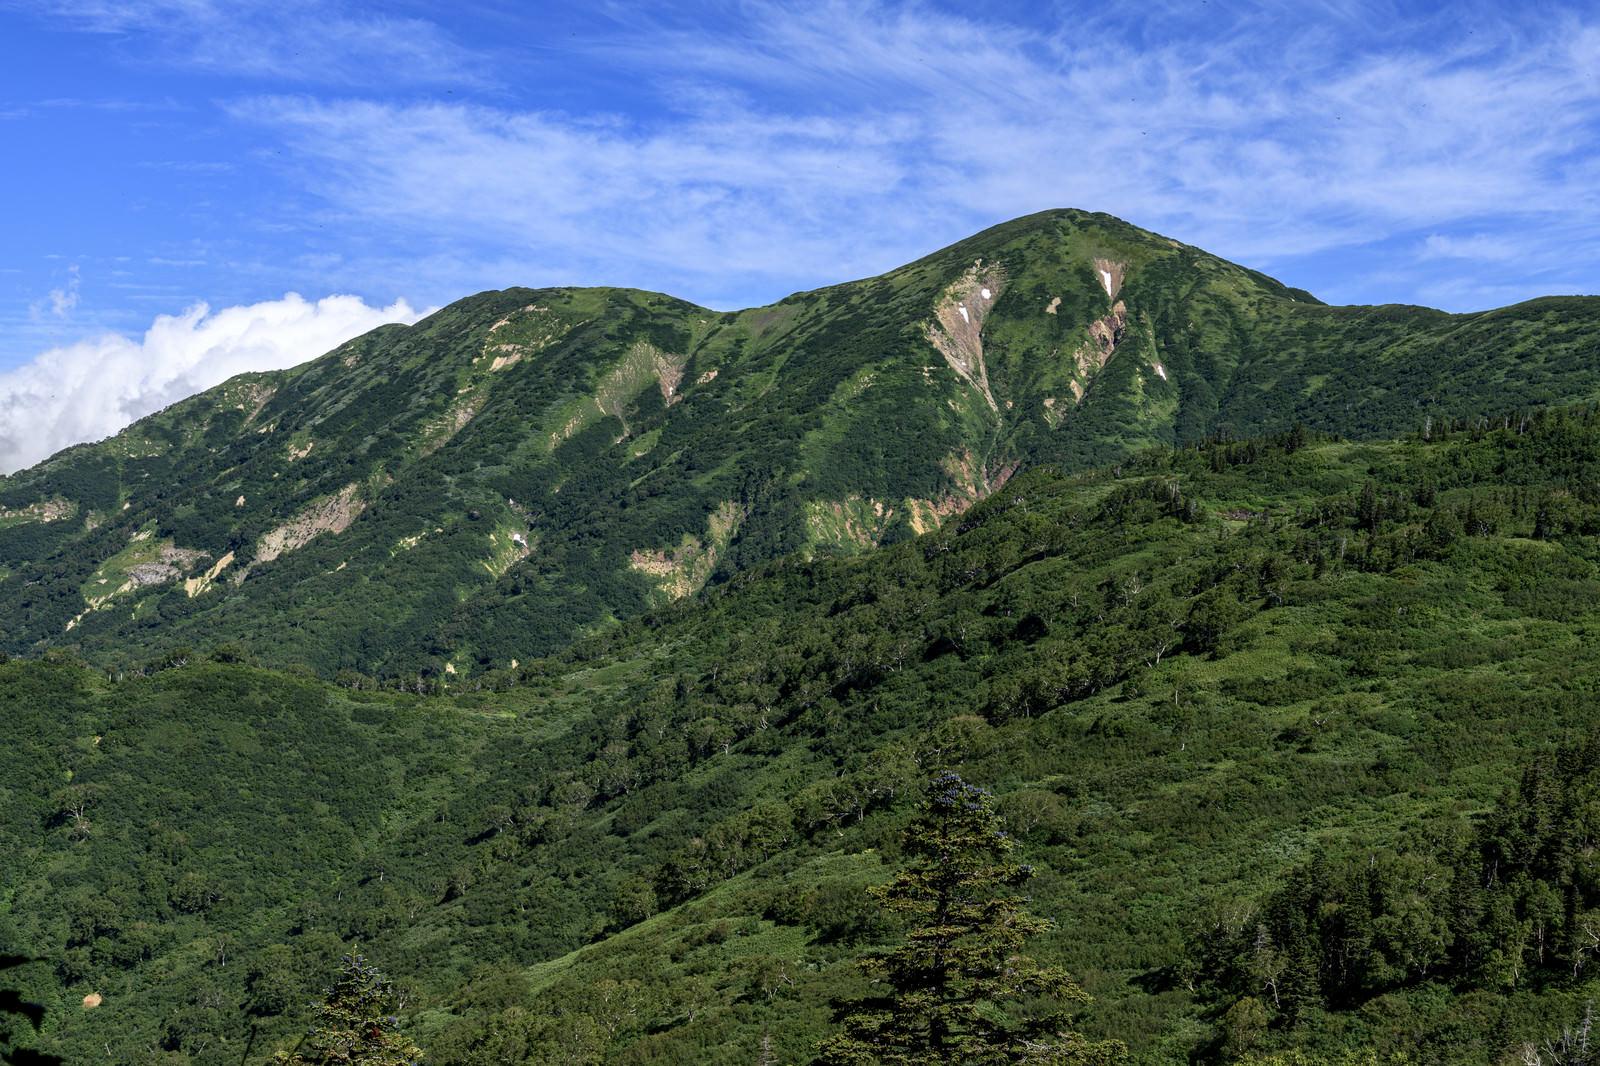 「頚城山塊最高峰の火打山(ひうちやま)」の写真